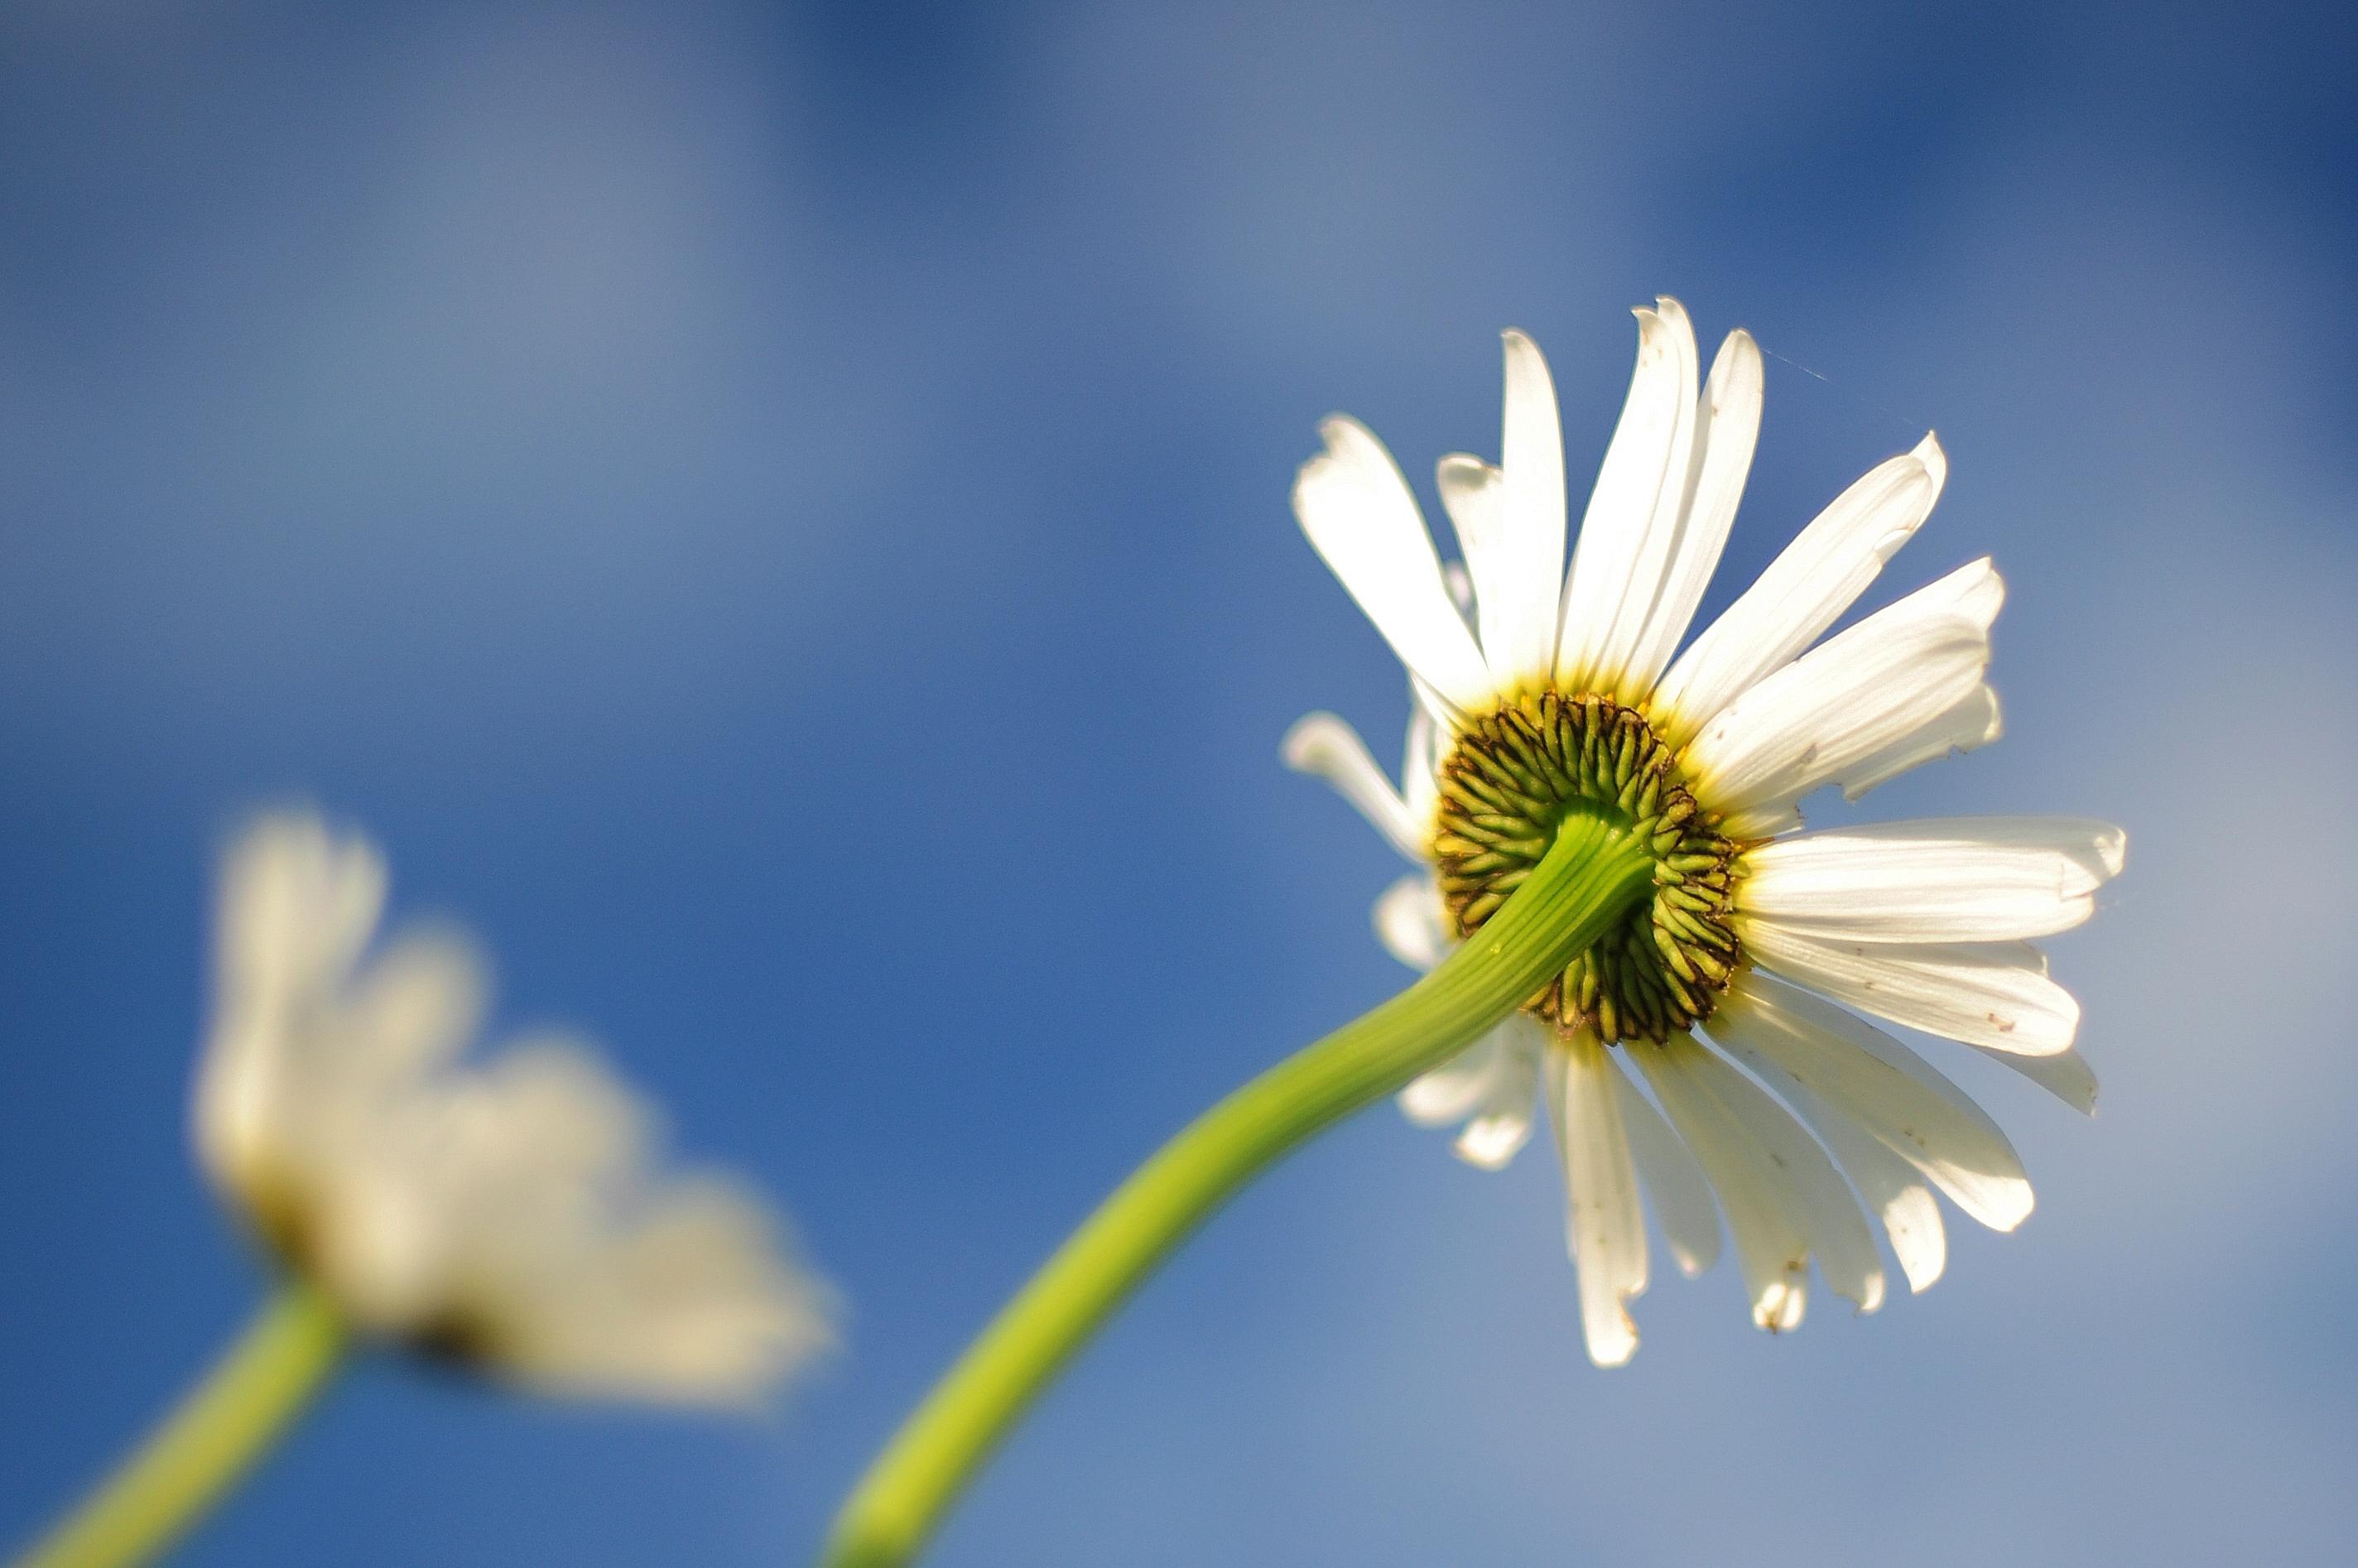 صور ورود بيضاء جميلة جدا  صور ورد ابيض  باقة منتقاة